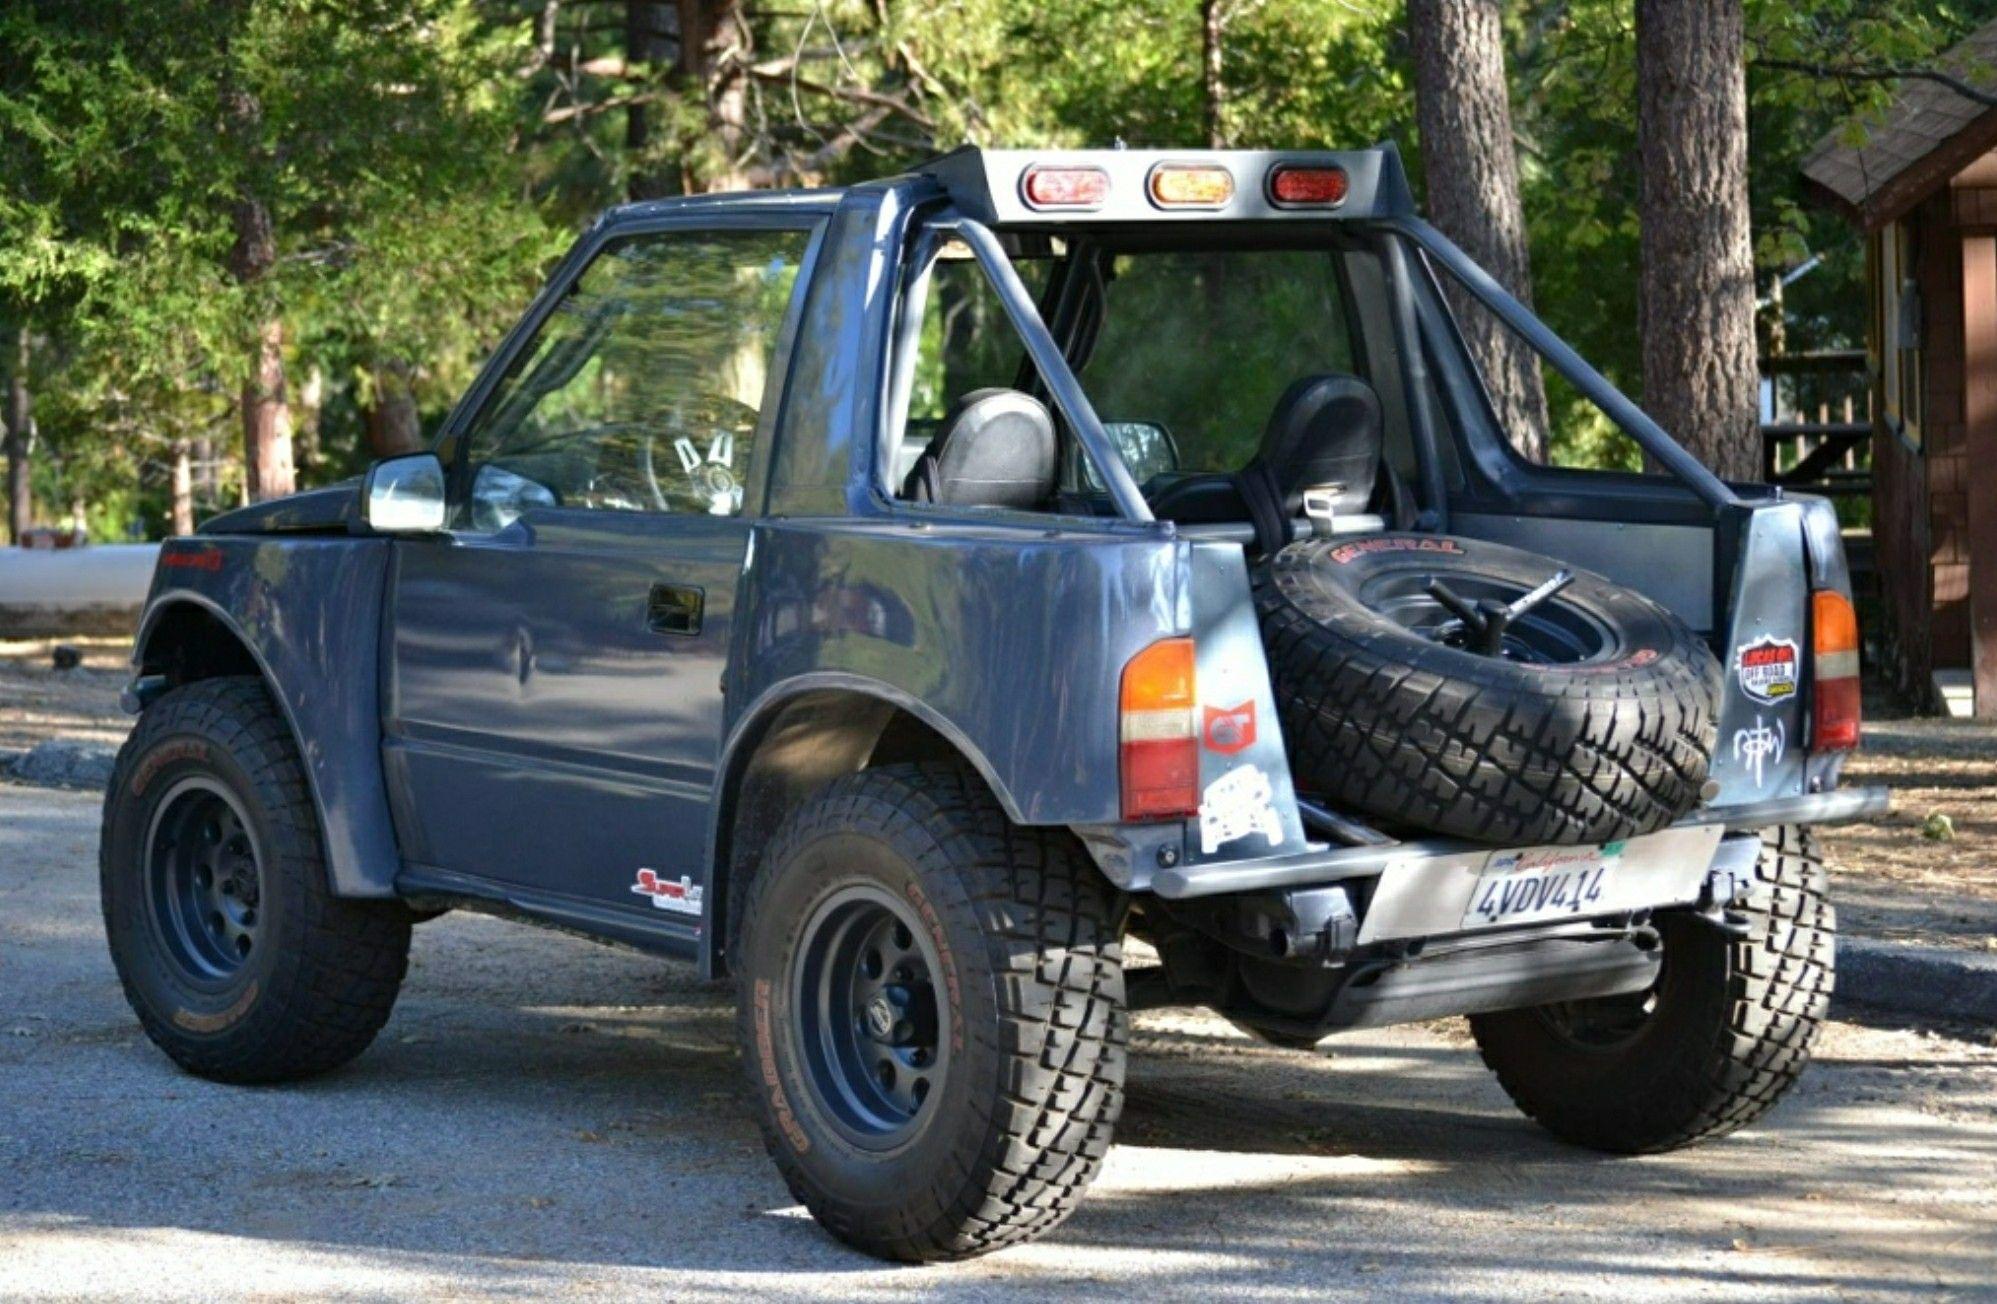 Suzuki Sidekick Prerunner Suzuki Vehicles Monster Trucks 4x4